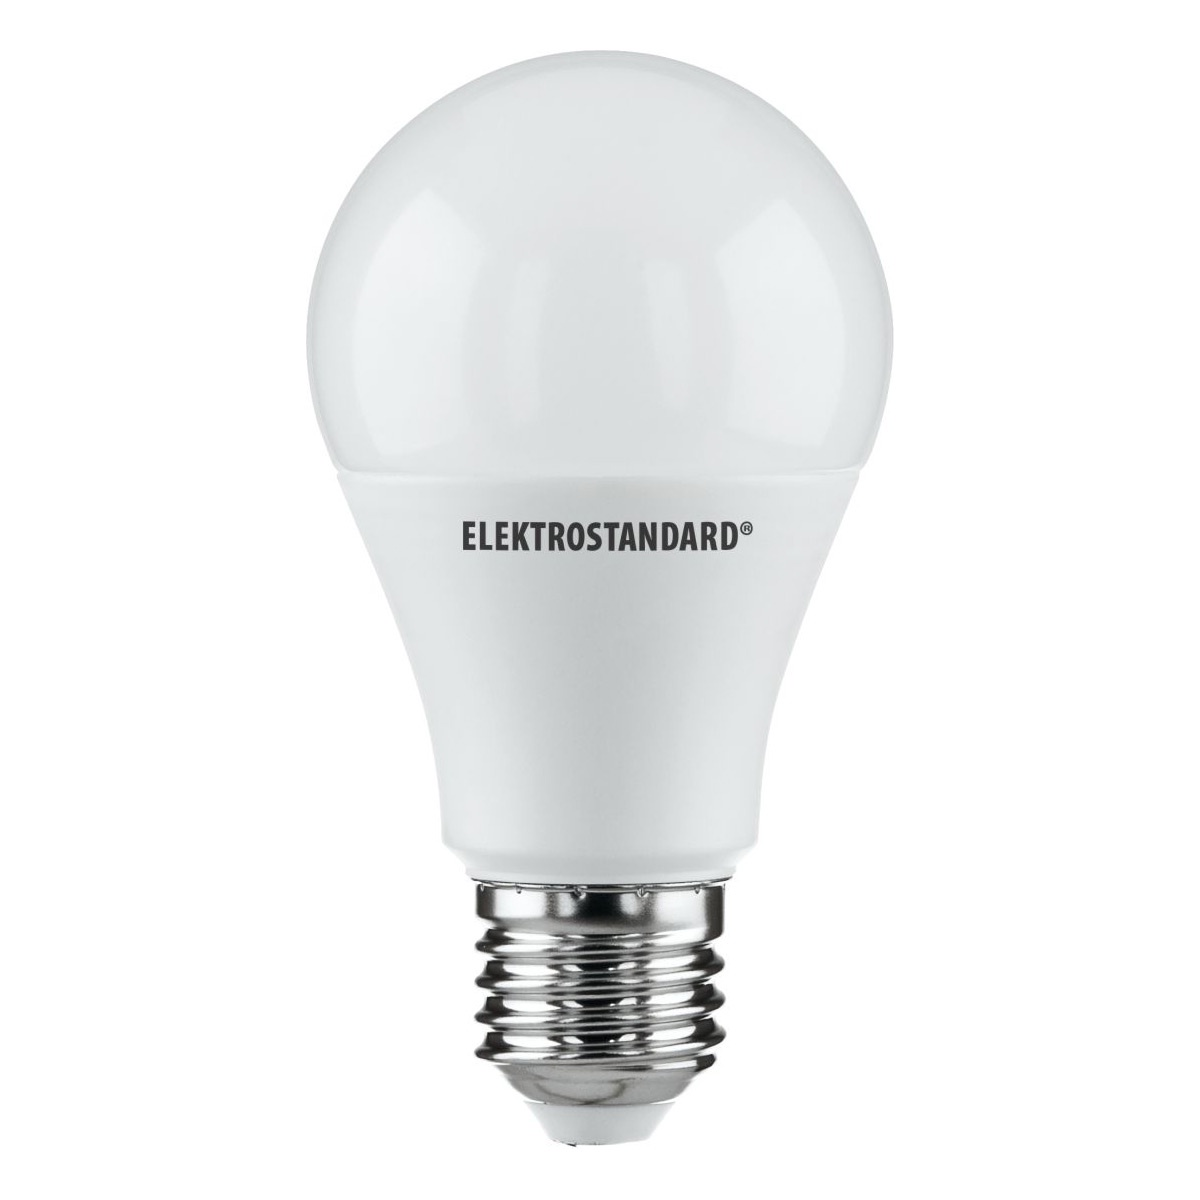 Лампочка Elektrostandard светодиодная Classic LED D 15W 4200K E27, Нейтральный свет 15 Вт, Светодиодная лампы светодиодная elektrostandard classic led d 7w 4200k e27